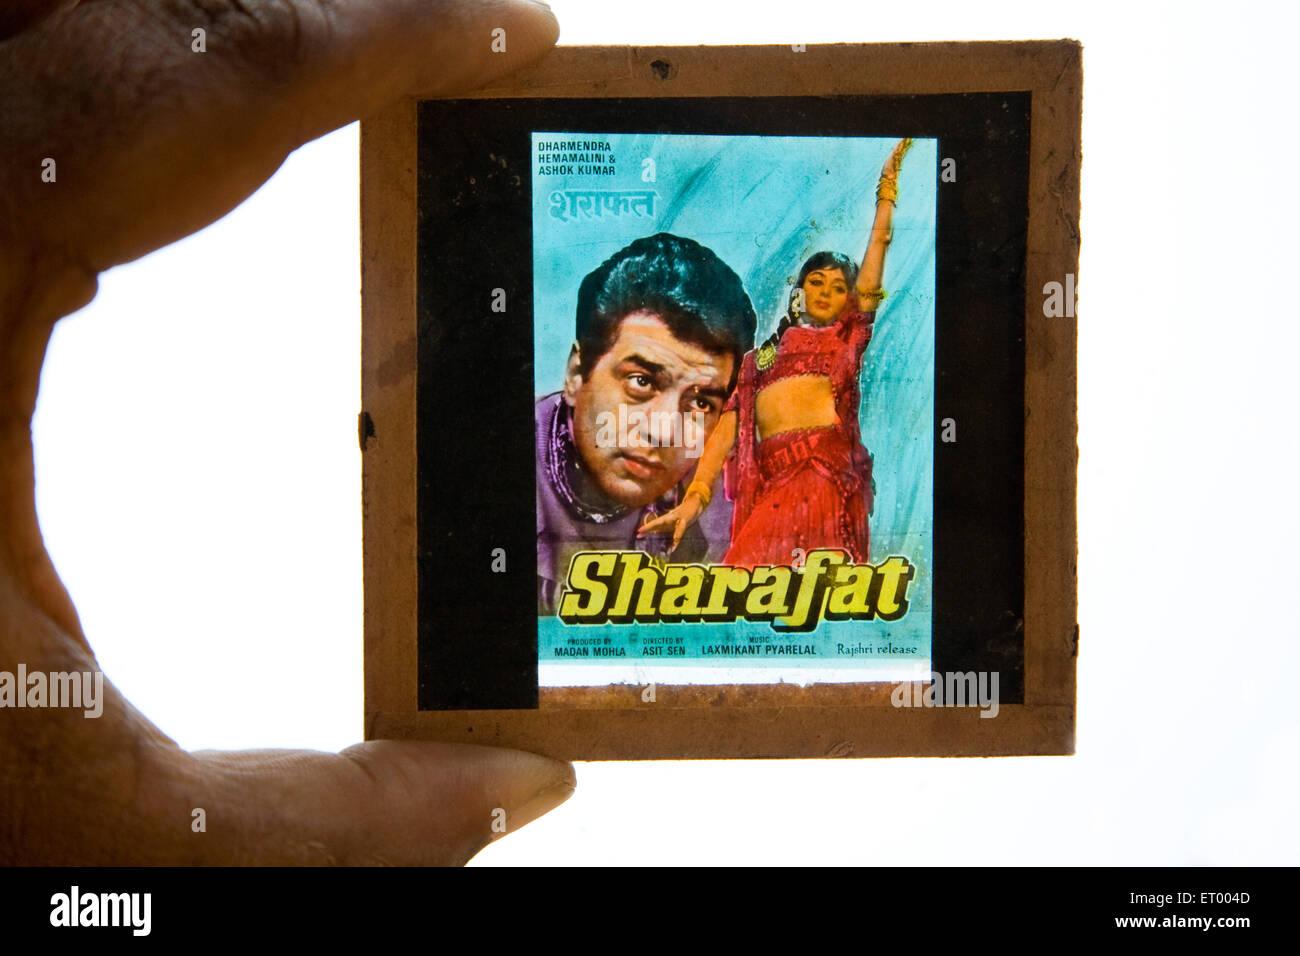 Hindi film sharafat slide actor Dharmendra and actress Hema malini ; India - Stock Image